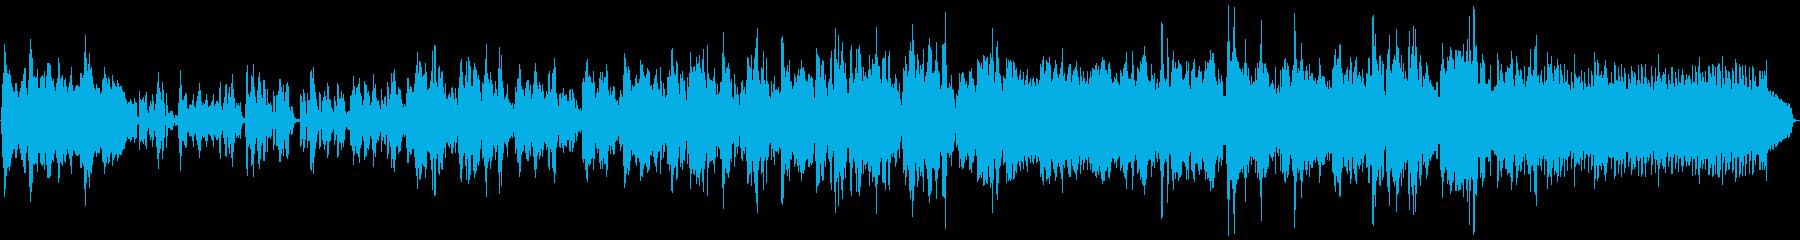 ニ胡の奏でるゆったりとした旋律の再生済みの波形